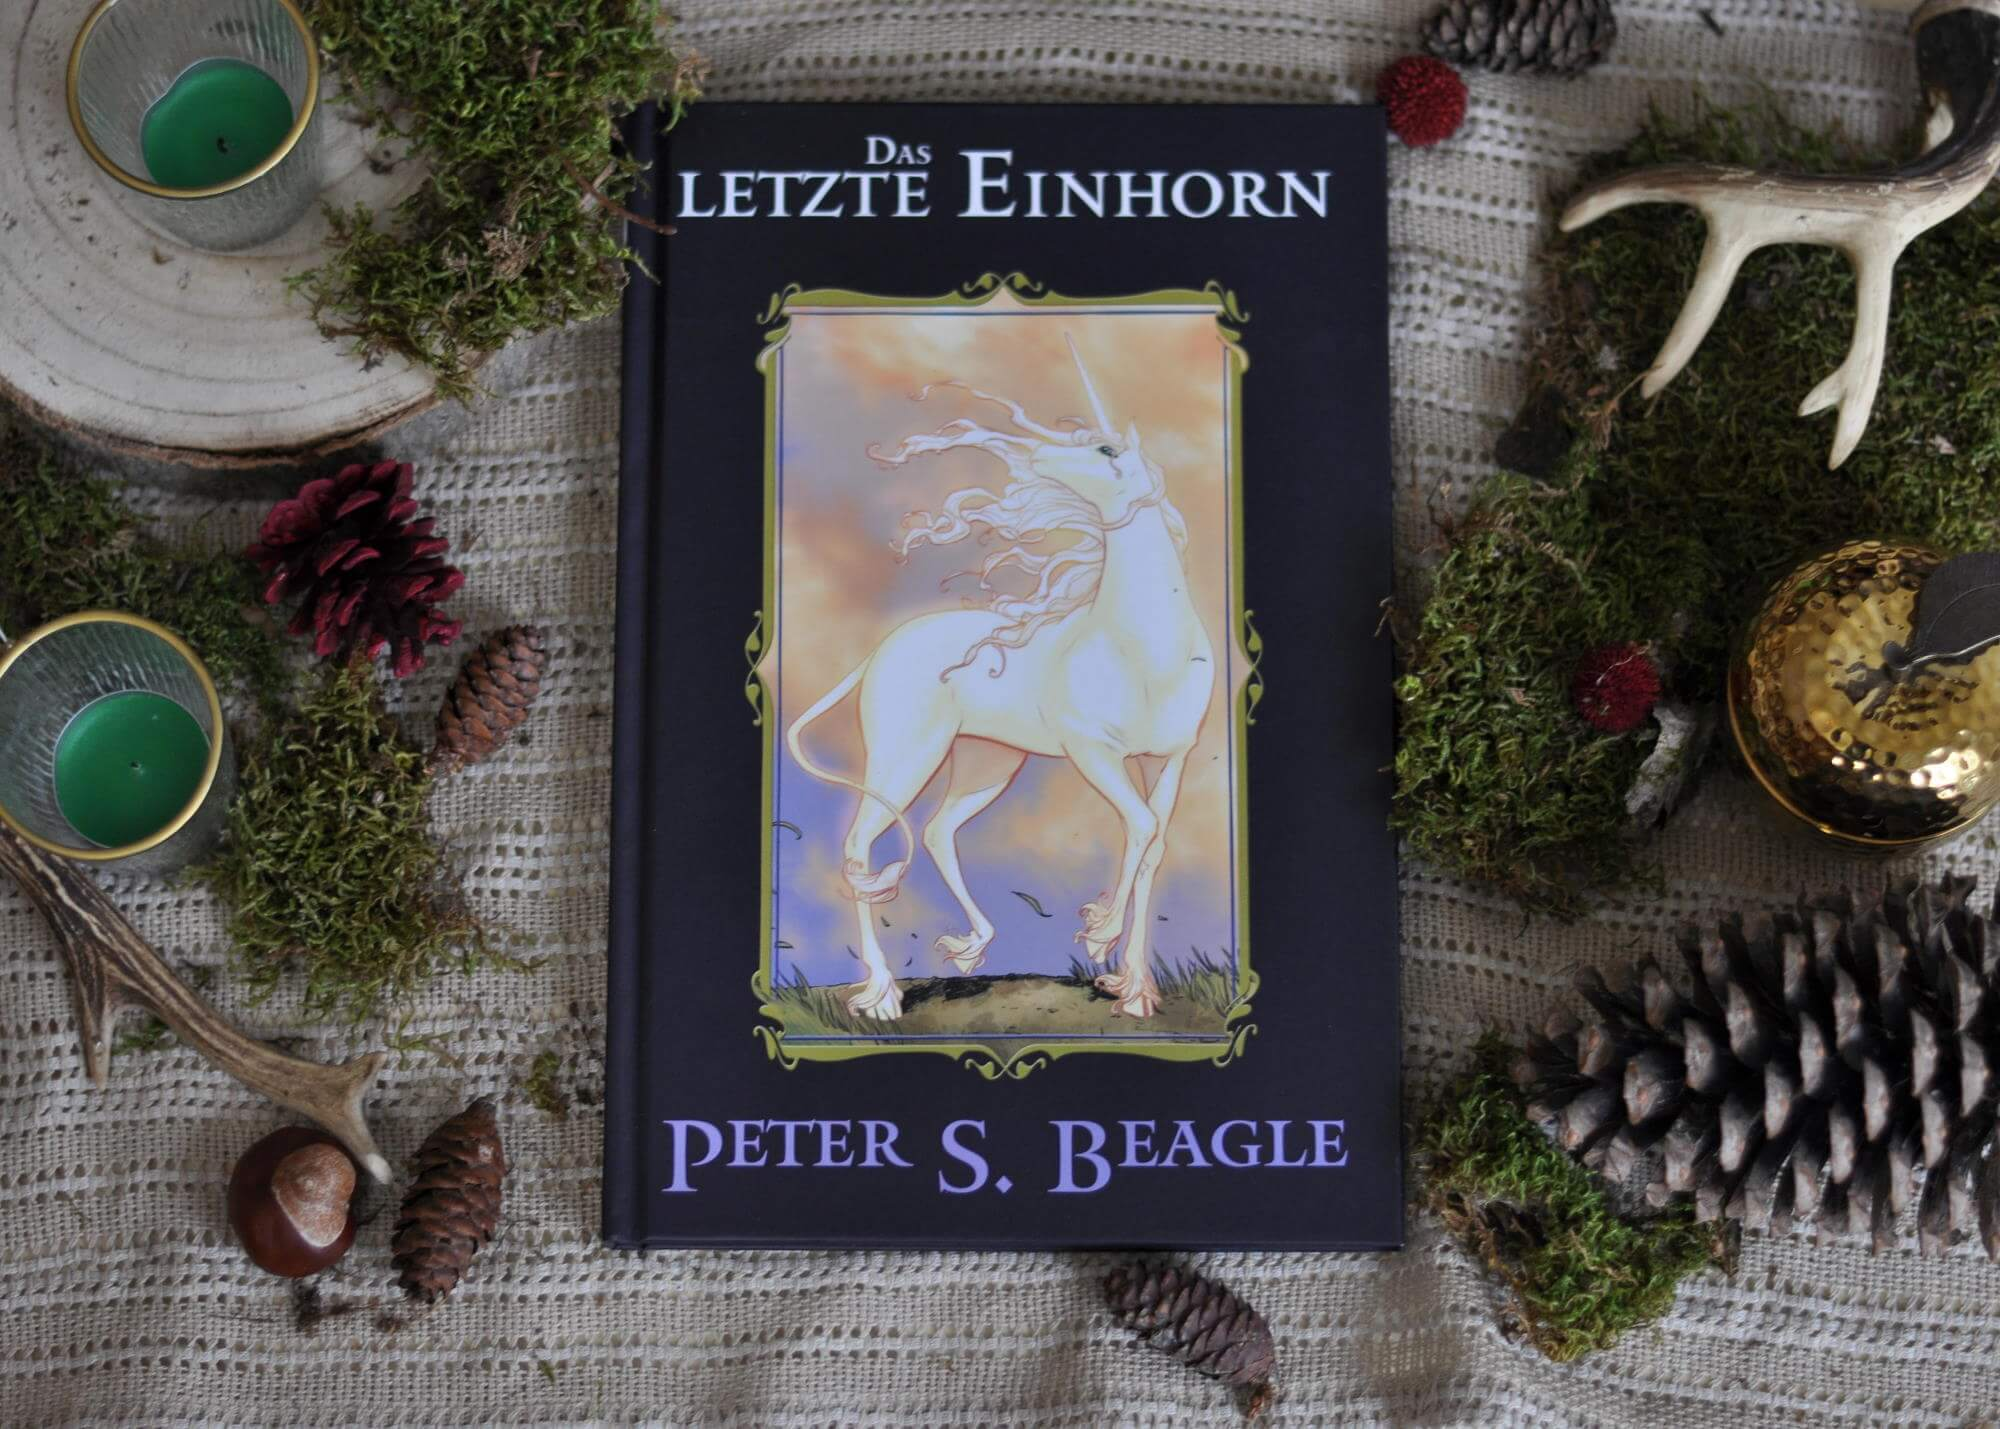 Das Einhorn lebt allein und zufrieden in seinem verzauberten Wald und hütet seine Waldfreunde. Doch eines Tages erfährt es von einem Schmetterling, dass es das letzte seiner Art sein könnte und alle anderen EInhörner vom Roten Stier gefangen wurden. Also macht sich das magische Geschöpf auf die Suche nach seinen Artgenossen und bereist eine Welt, in der Gier und Finsternis vorherrschen, sich aber auch Mut und Freundschaft finden. #einhorn #magie #comic #weihnachten #lesen #kinder #beagle #letzte #buch #fantasy